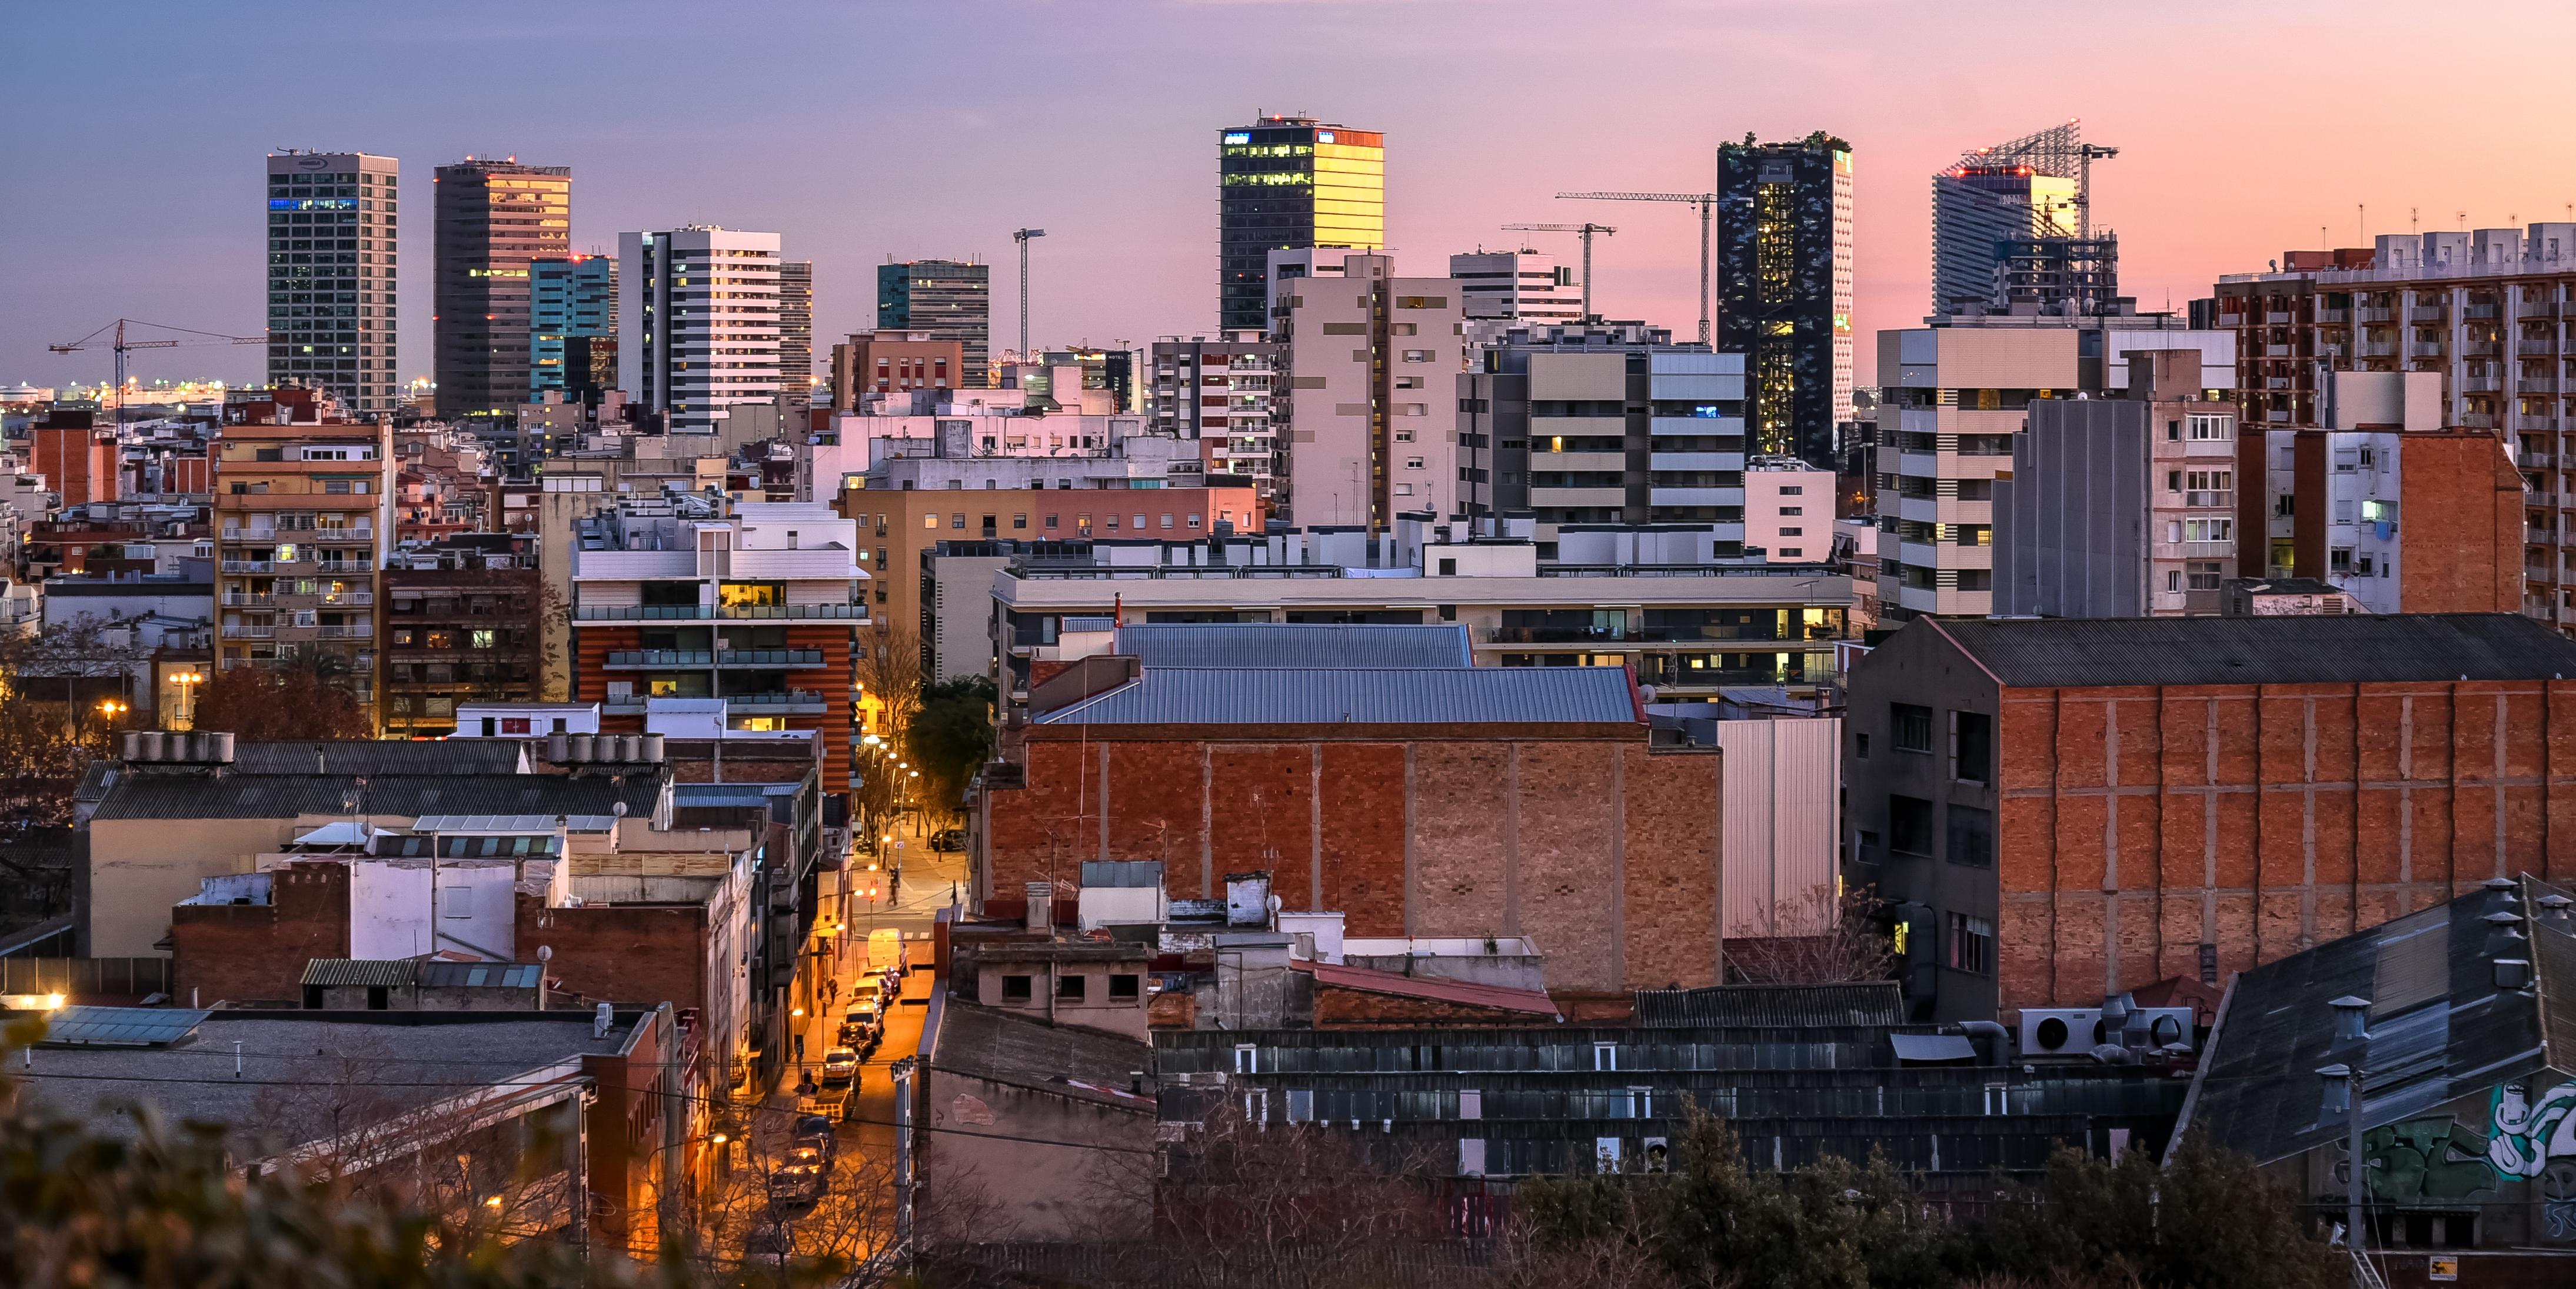 L'Hospitalet de Llobregat - Wikipedia